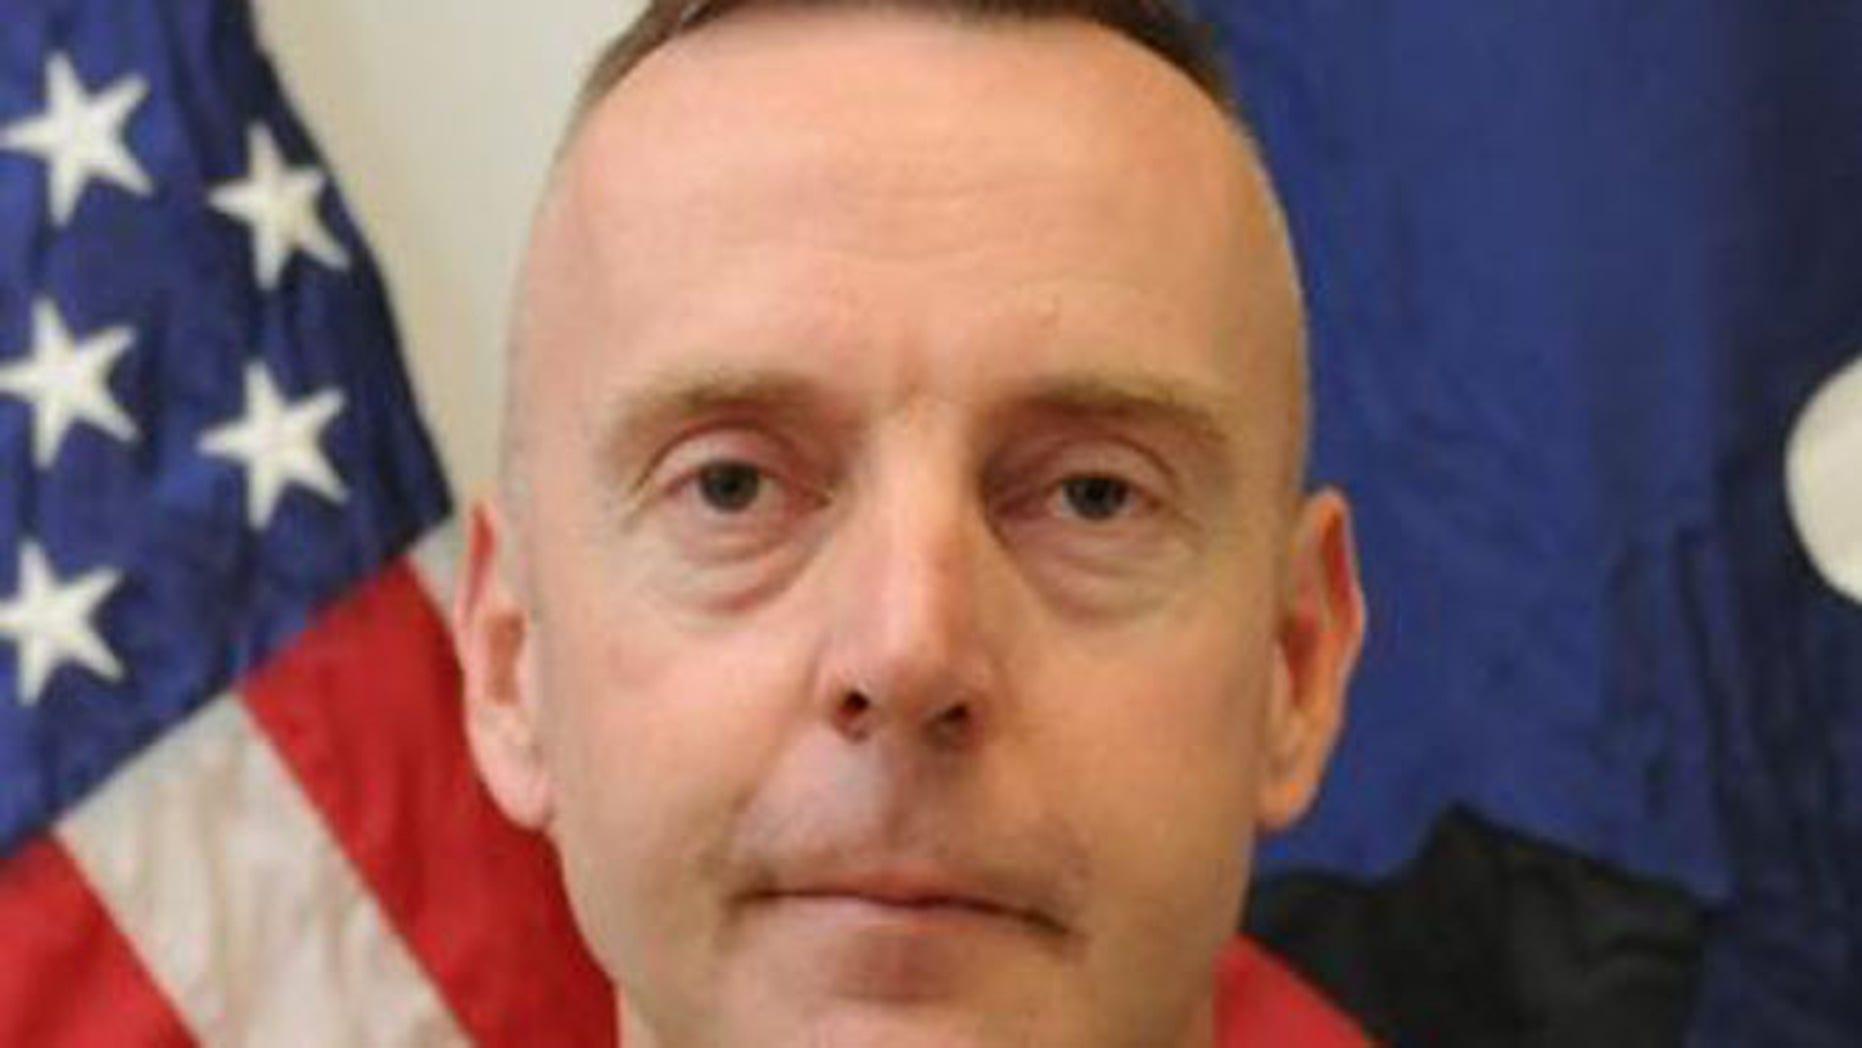 Army Brig. Gen. Jeffrey Sinclair, 18th Airborne Corps, Fort Bragg, N.C.